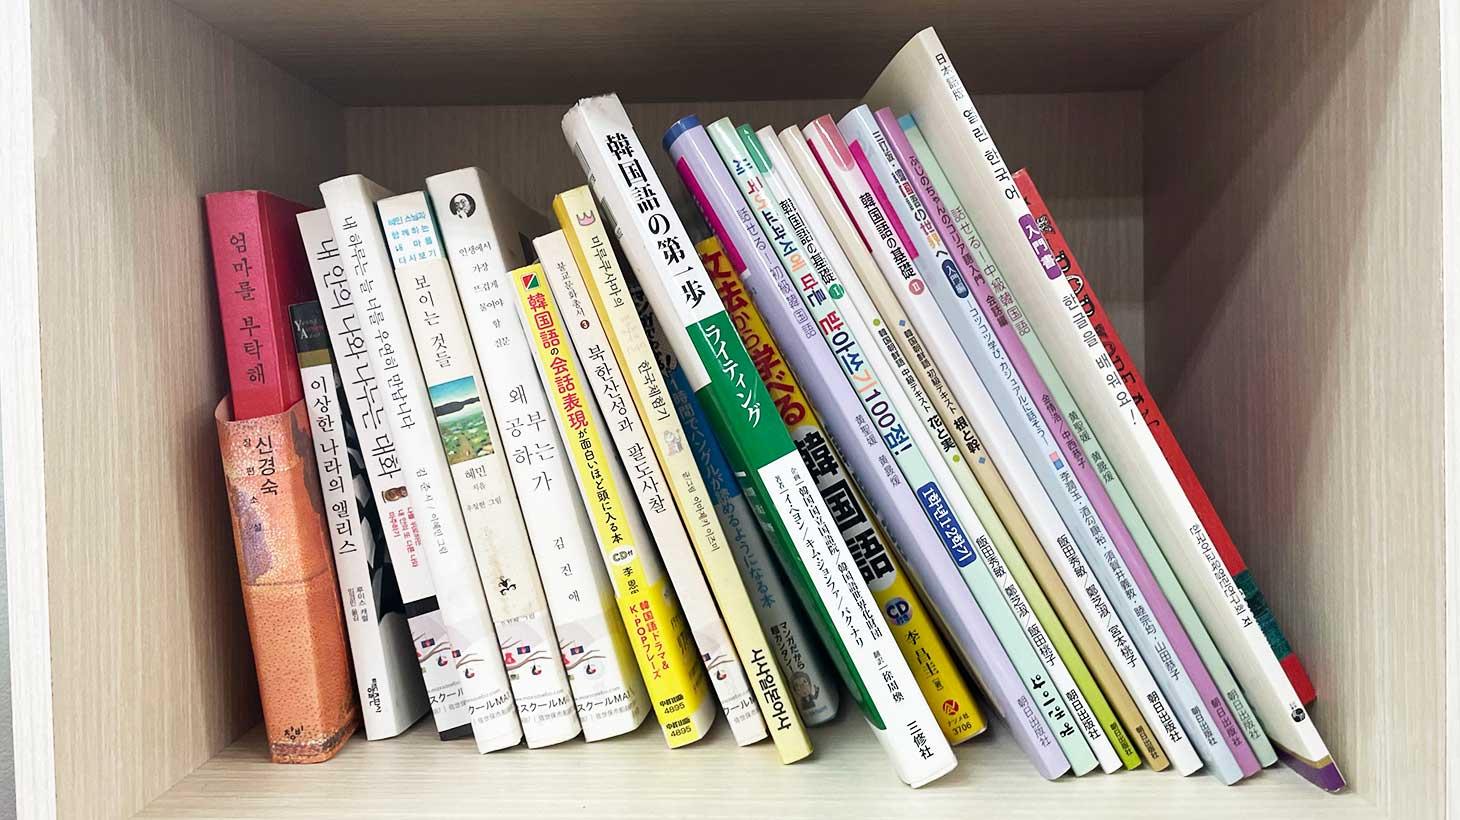 studycaferaon韓国語の本